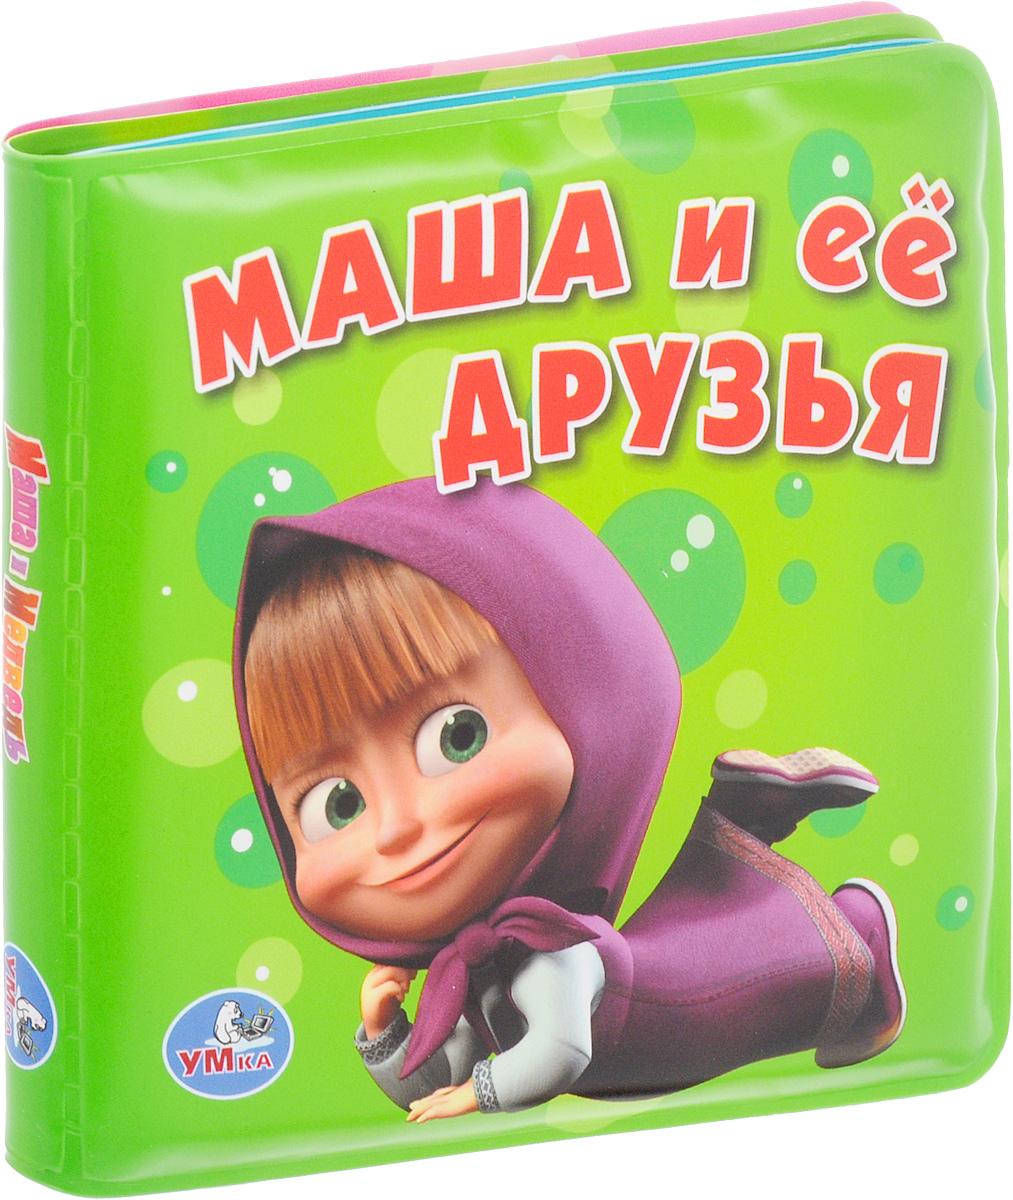 Умка Книжка-игрушка для ванны Маша и ее друзья